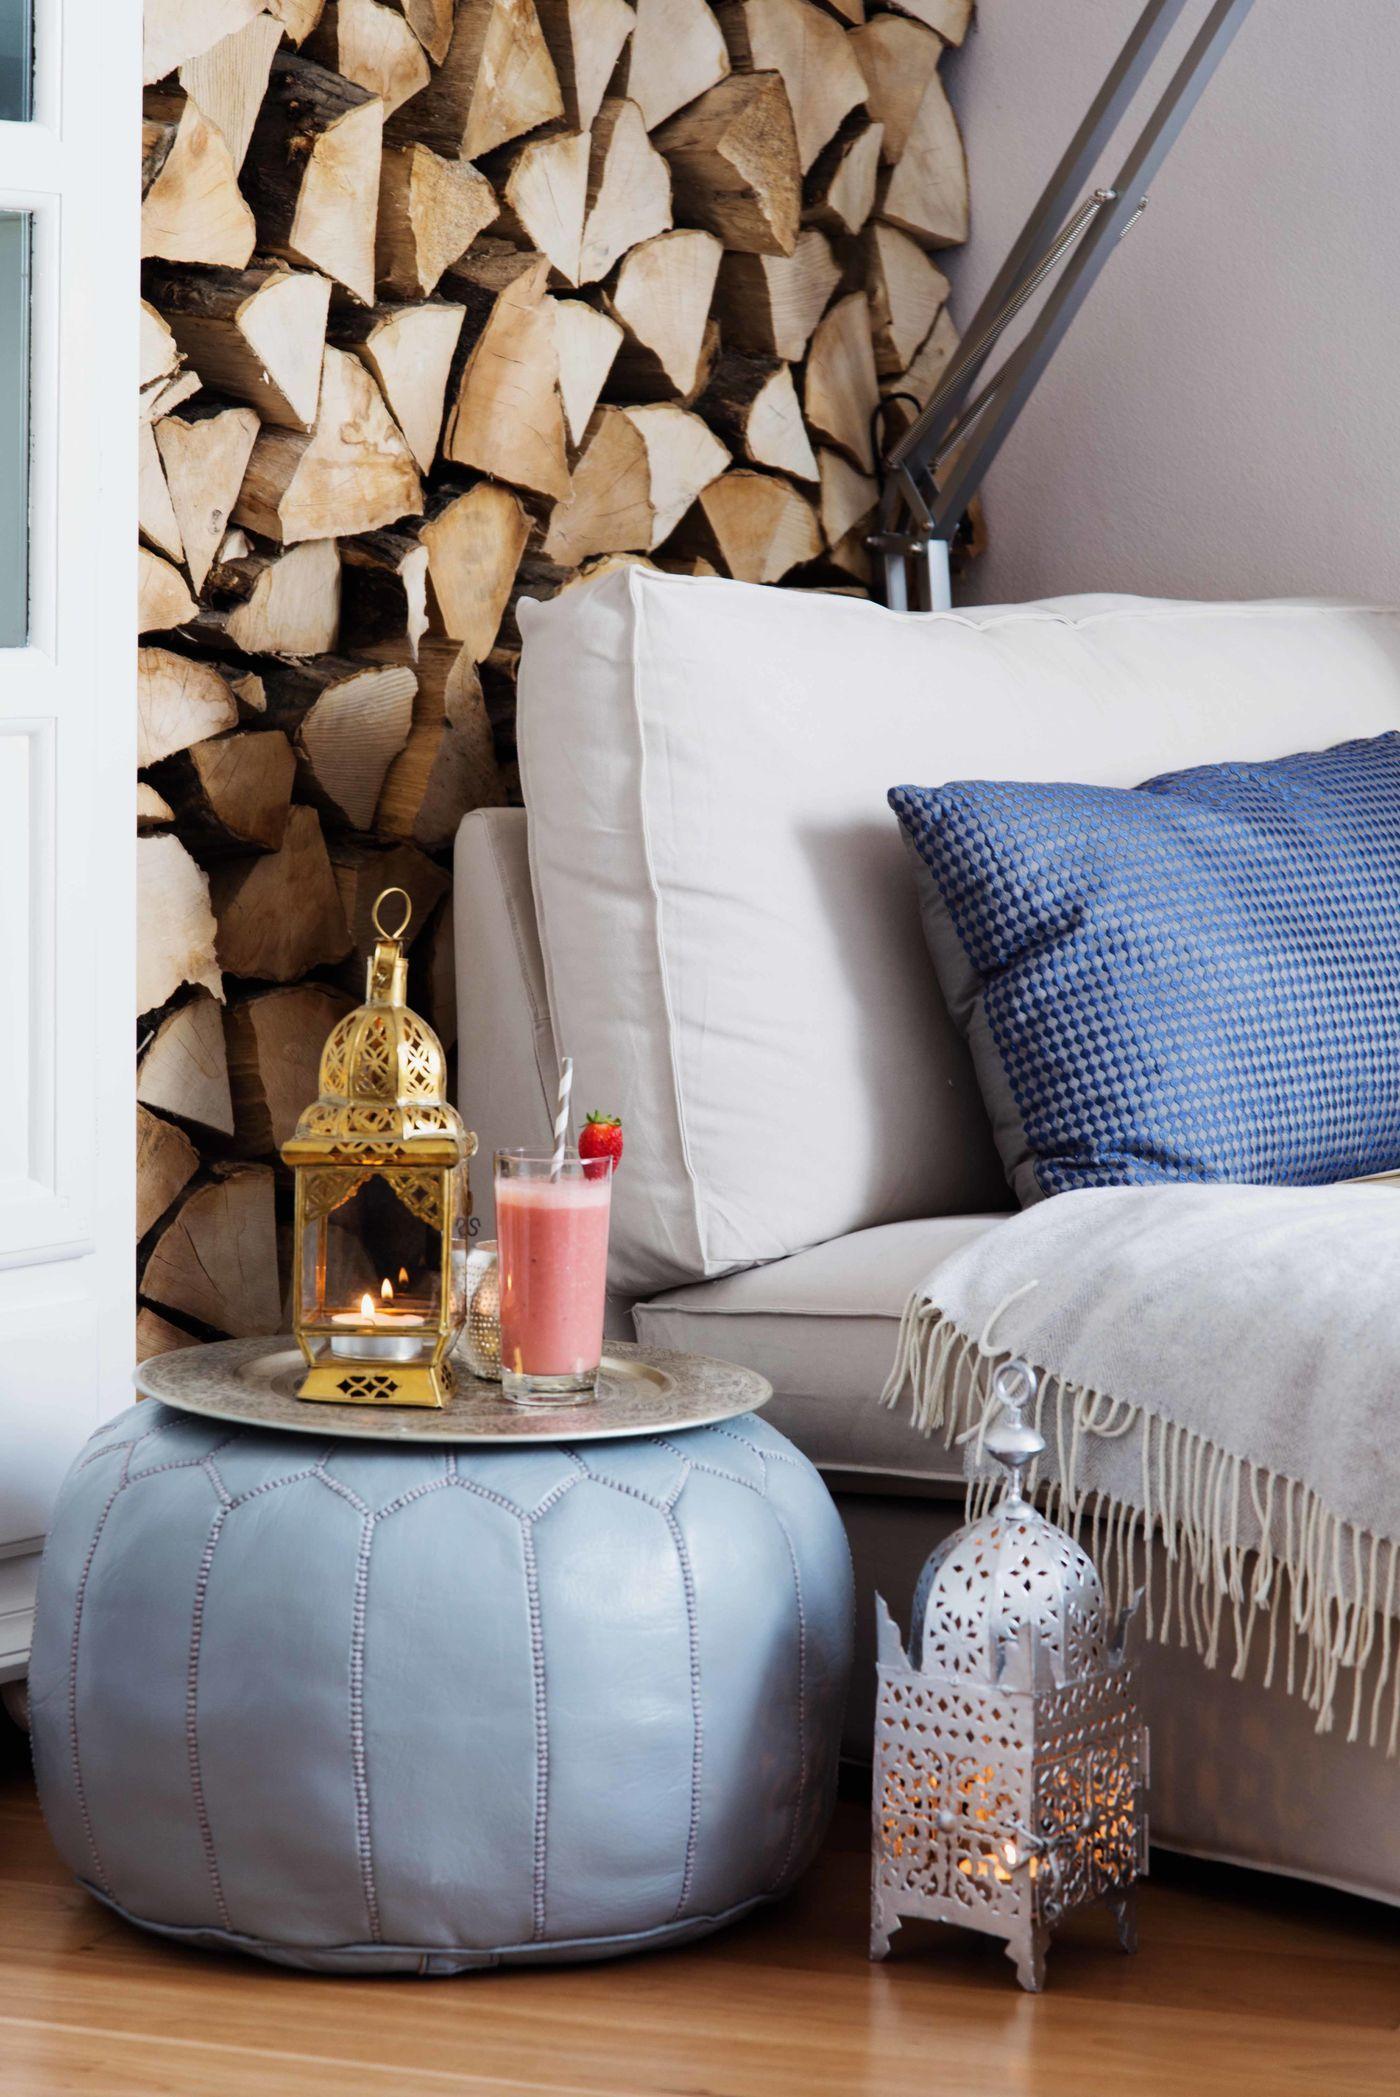 zenza lampe ideen bilder. Black Bedroom Furniture Sets. Home Design Ideas